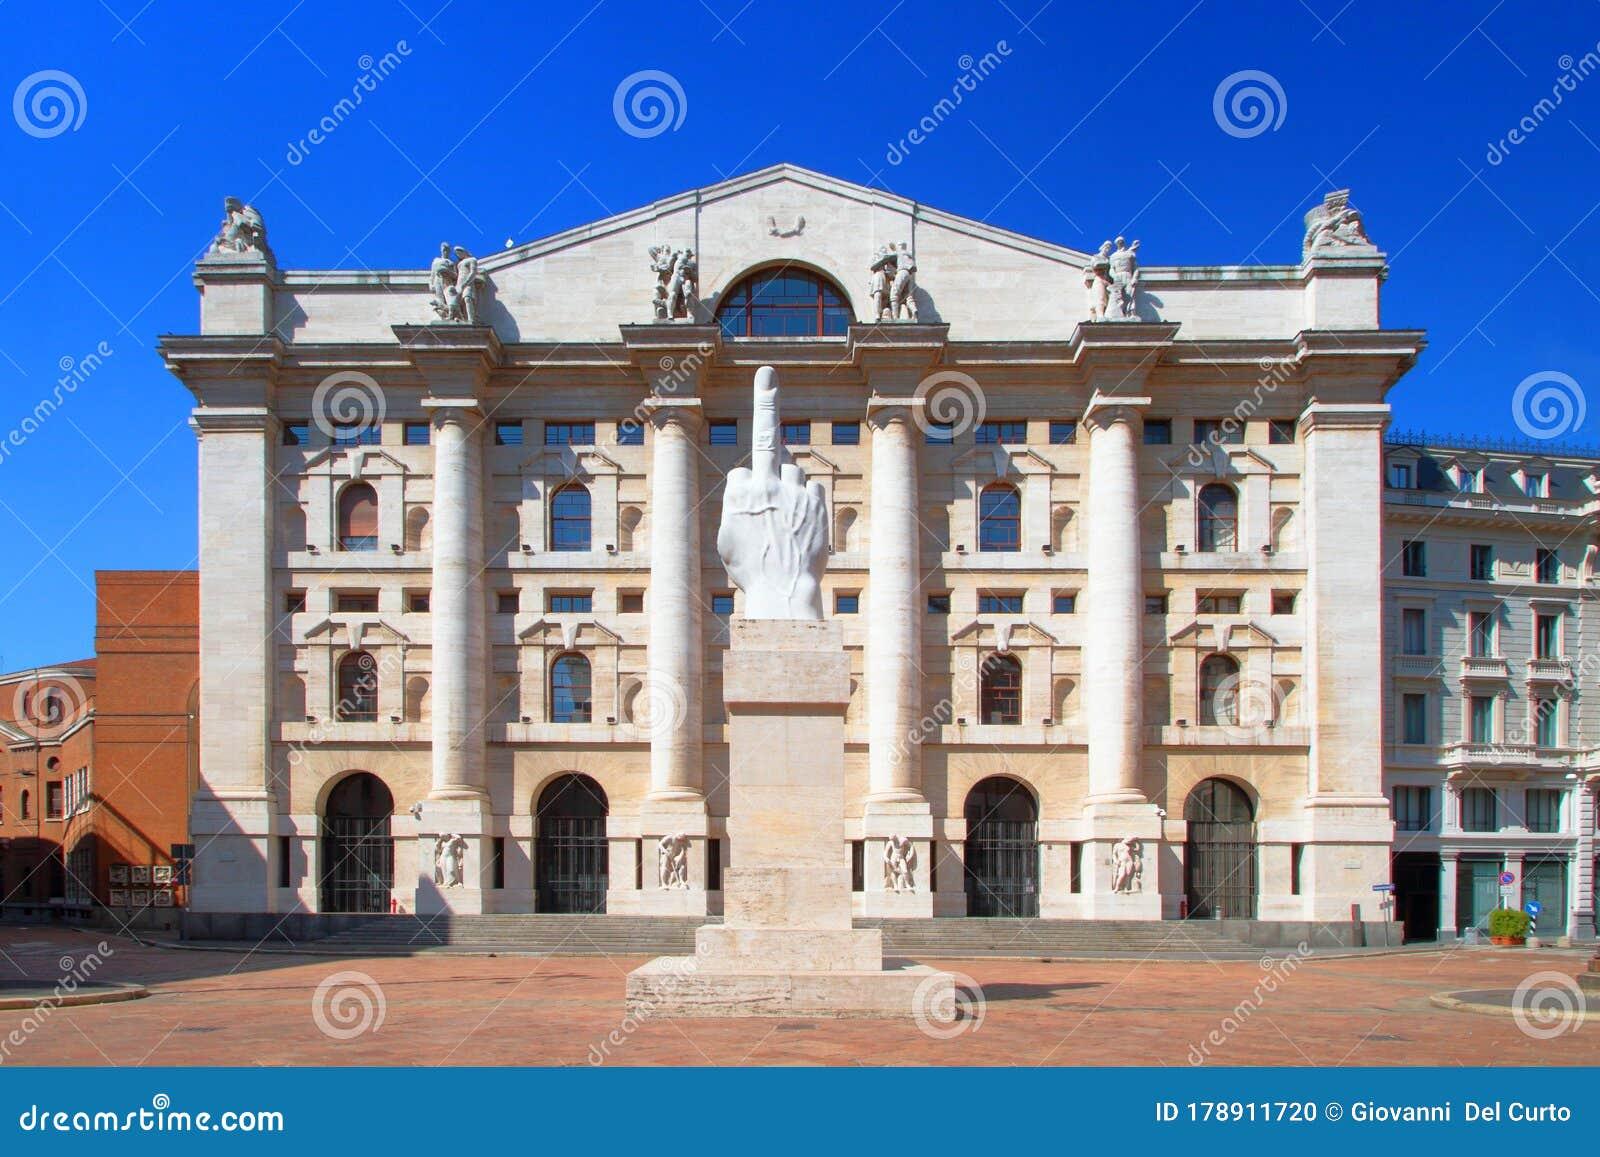 Milan Stock Exchange Stock Photos - Download 953 Royalty ...